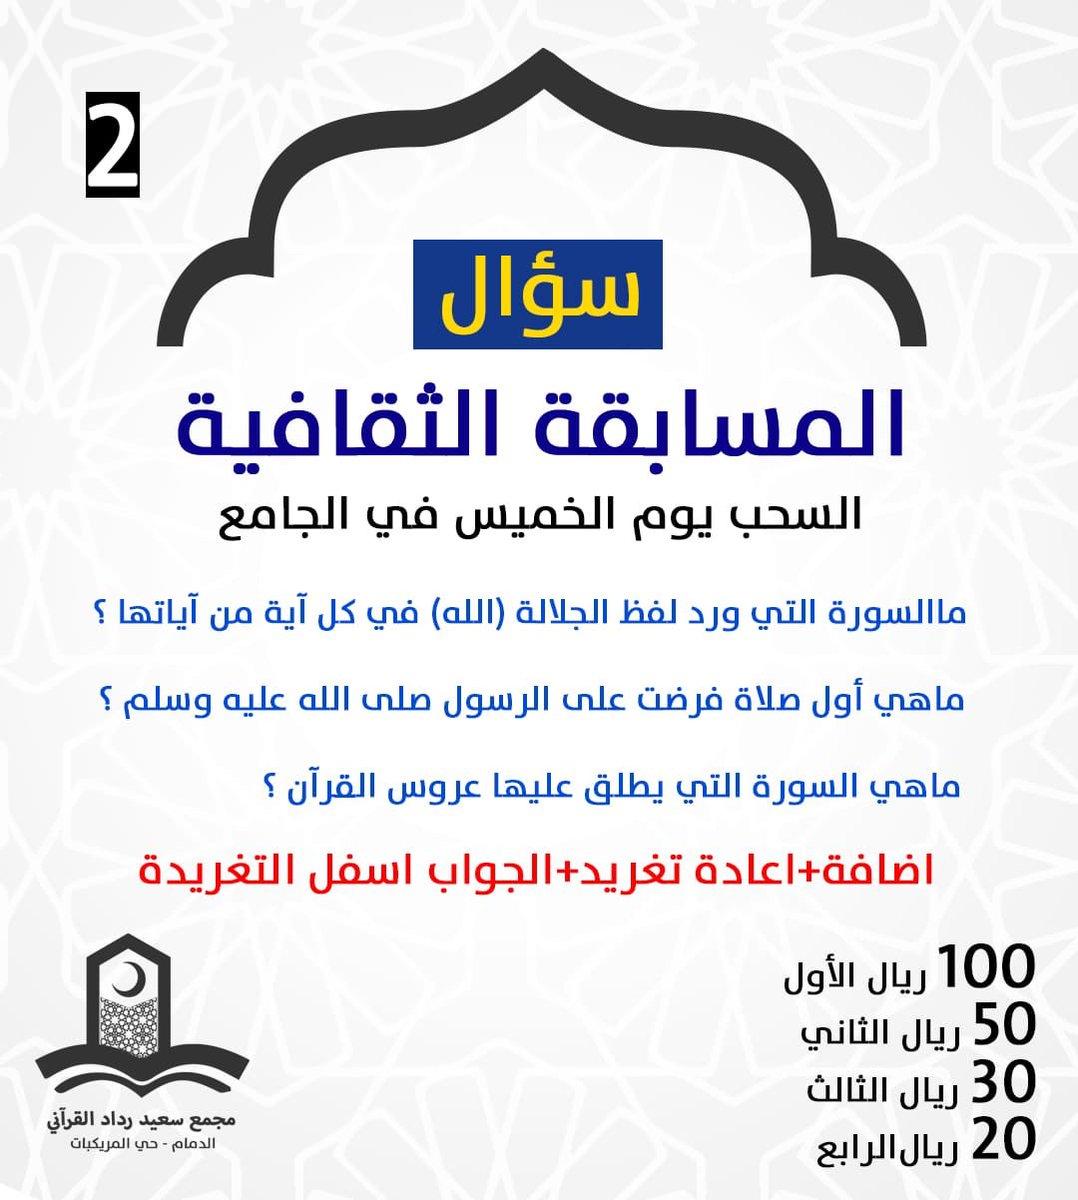 جامع سعيد رداد At Saeedraddadmosq Twitter